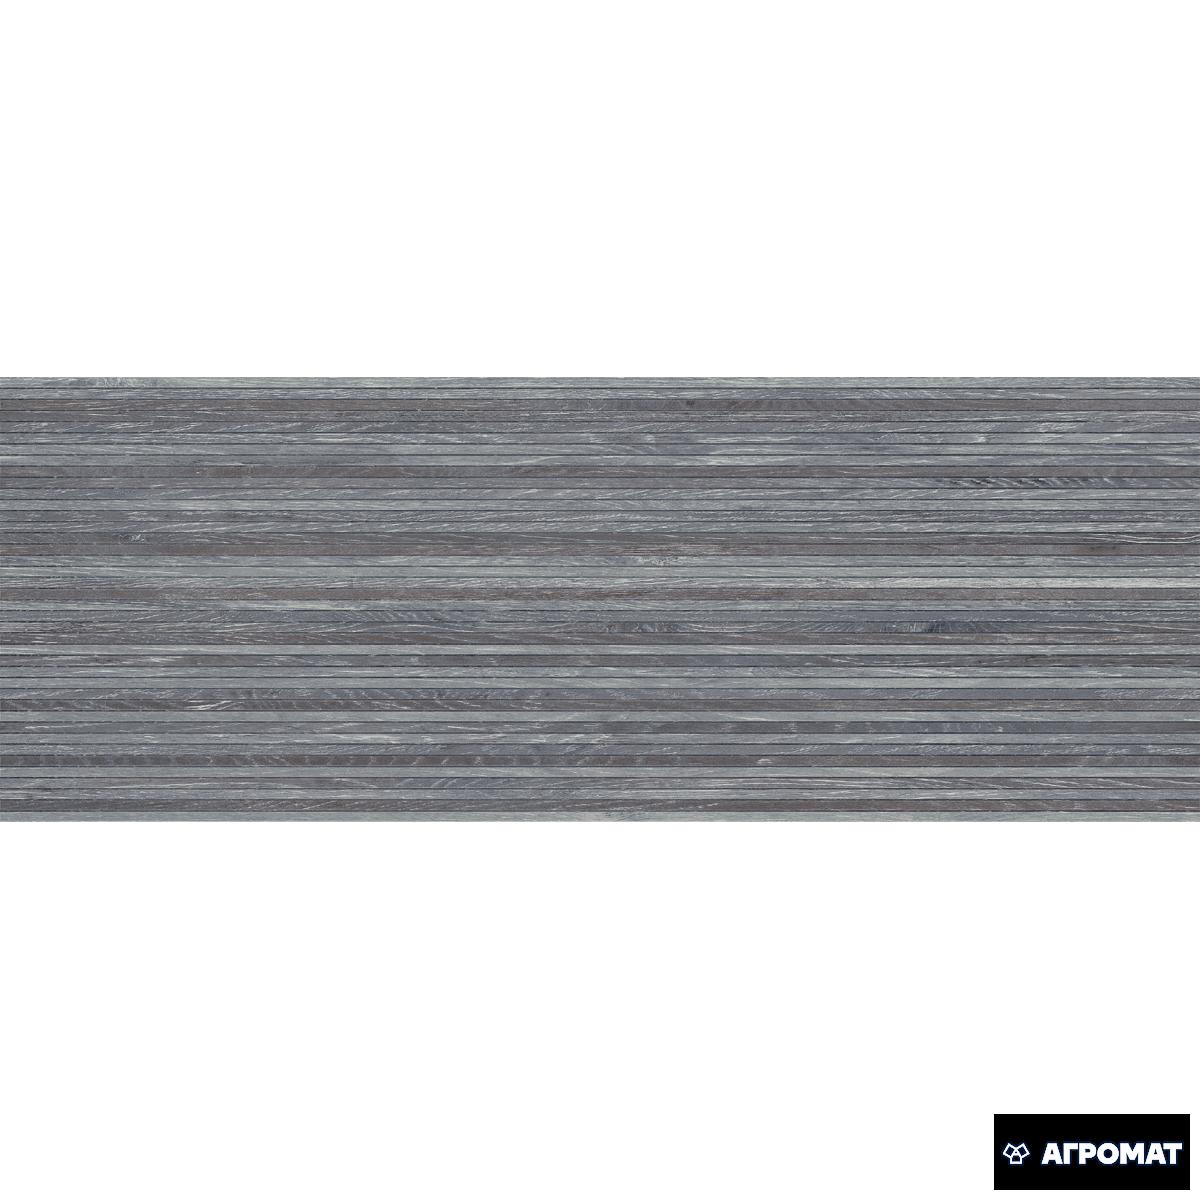 Плитка Venis Starwood ICE VANCOUVER DARK арт.(389190)